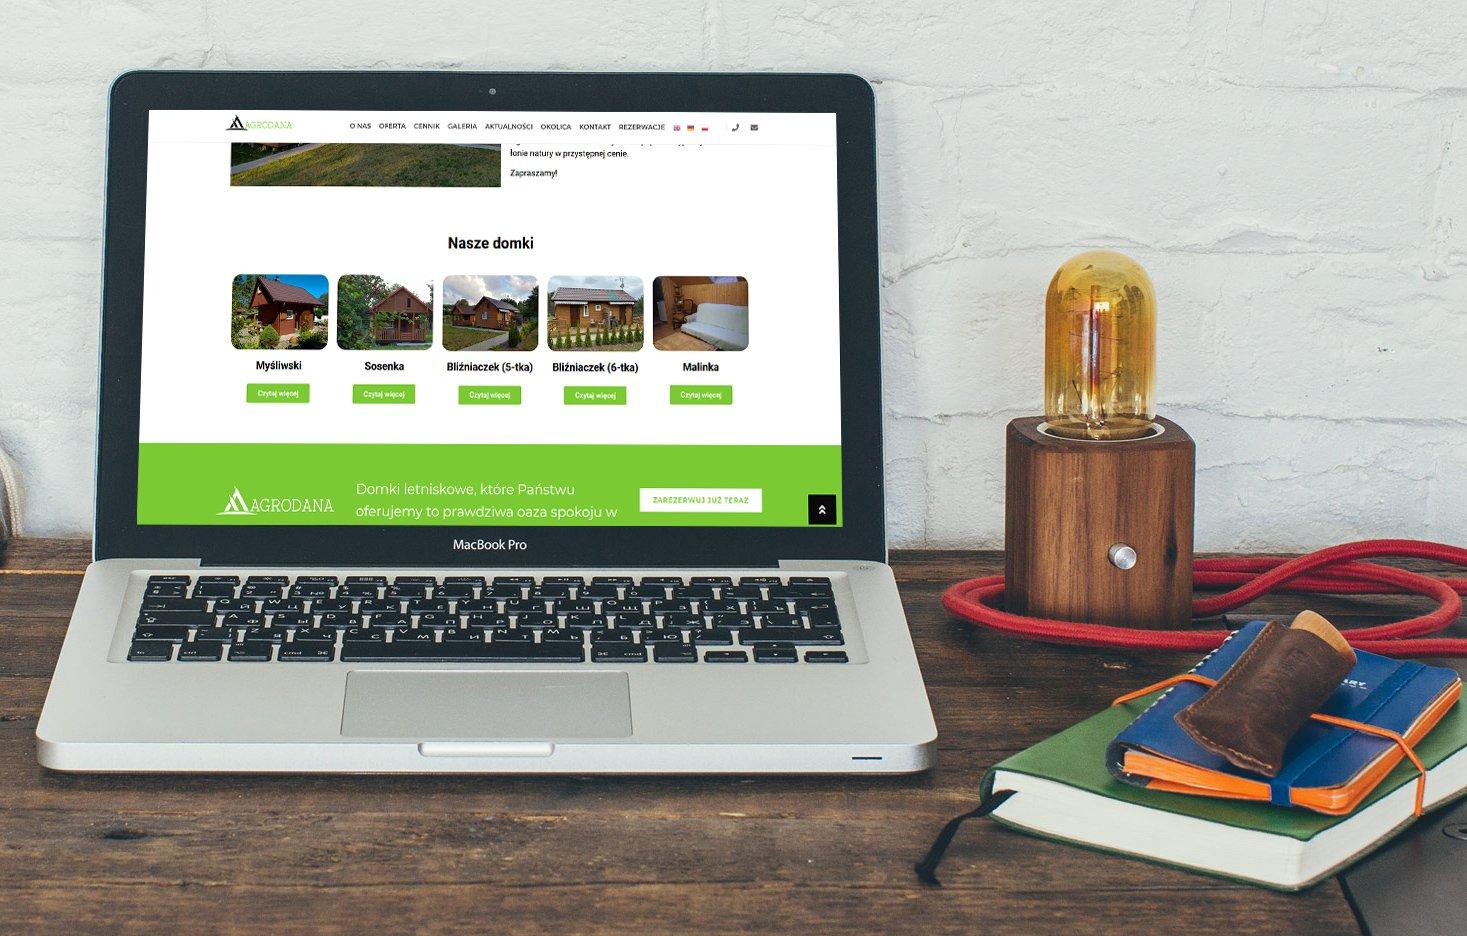 projektowanie stron internetowych agrodana.pl by siplex - Zdjęcie 3